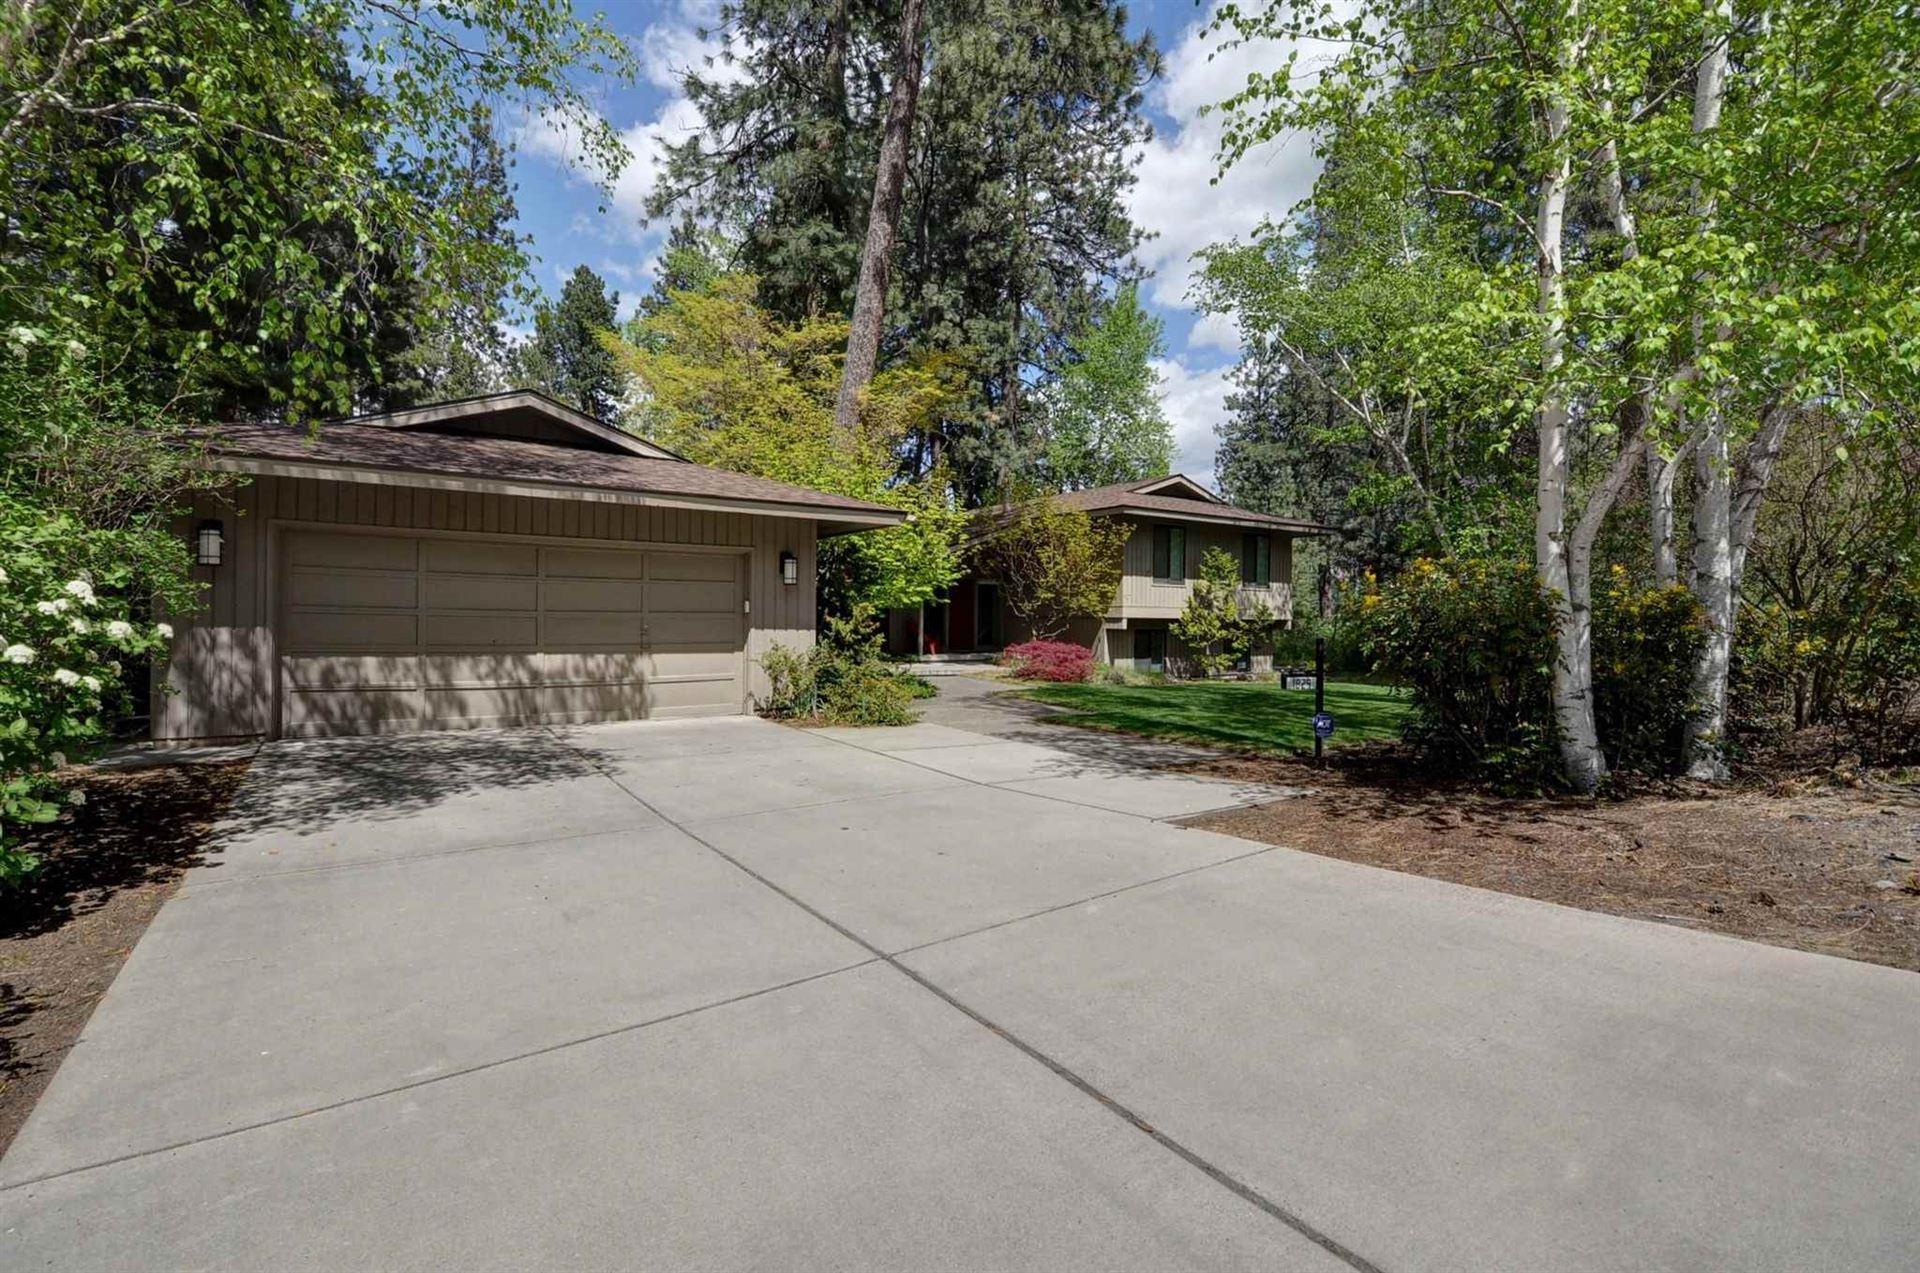 1829 E PINECREST Rd, Spokane, WA 99203 - #: 202114948